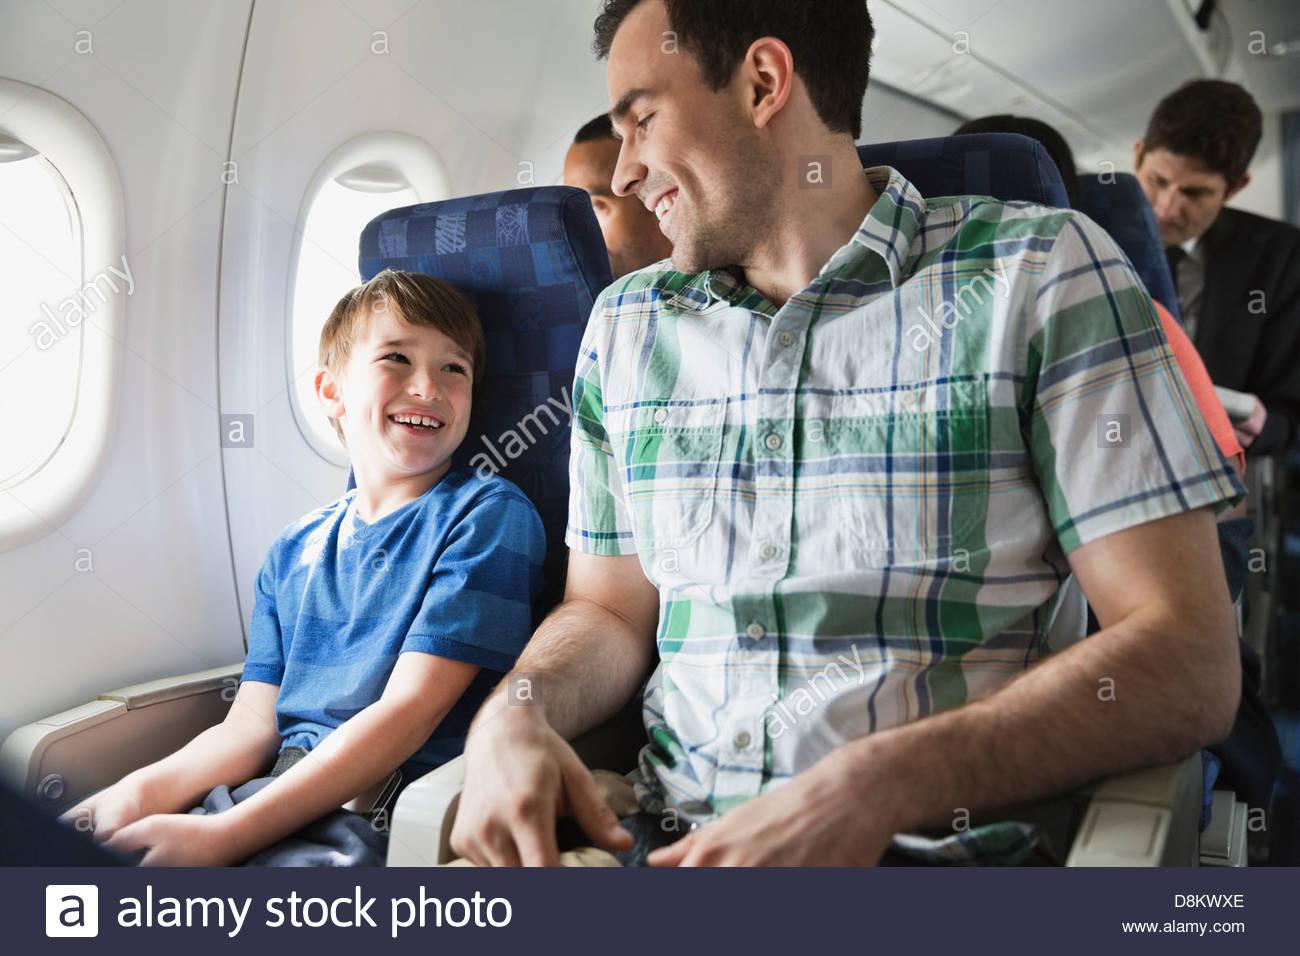 Smiling père et fils voyageant en avion Photo Stock